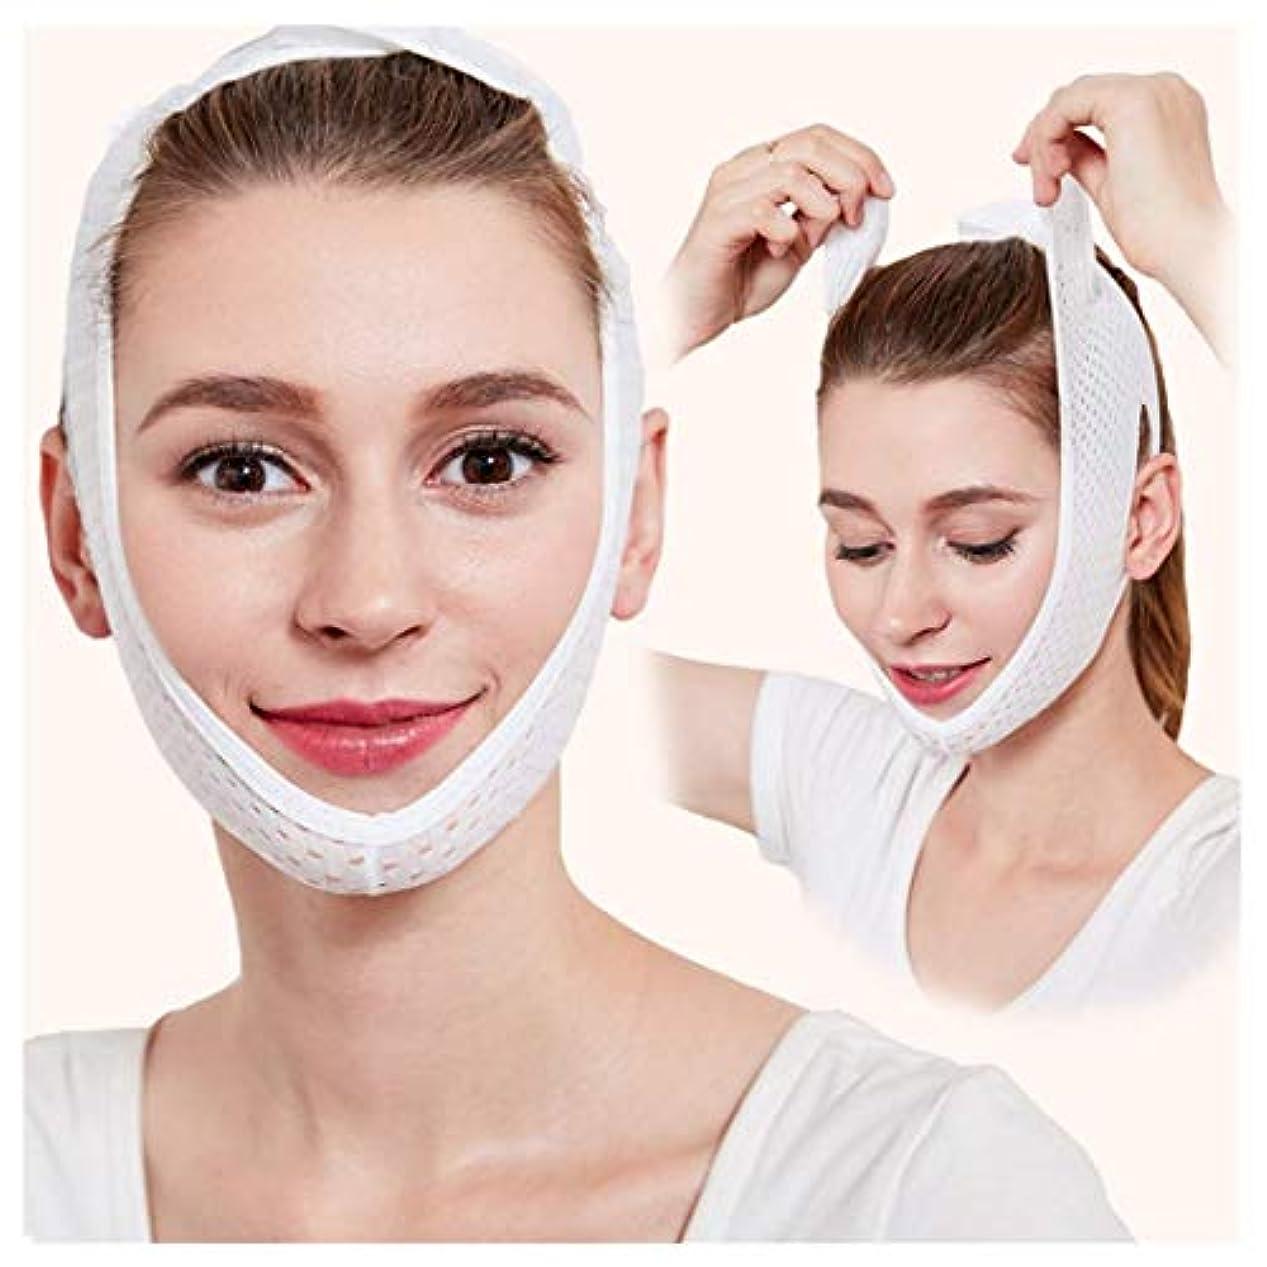 接地発行する打倒WSJTT 顔のリフティングストラップ、Vラインファーミングラップは、女性のためのバージョンVシェイプフェイススリミングマスクアップグレードリフティングネック二重あごベルトスキンケアチンマスク